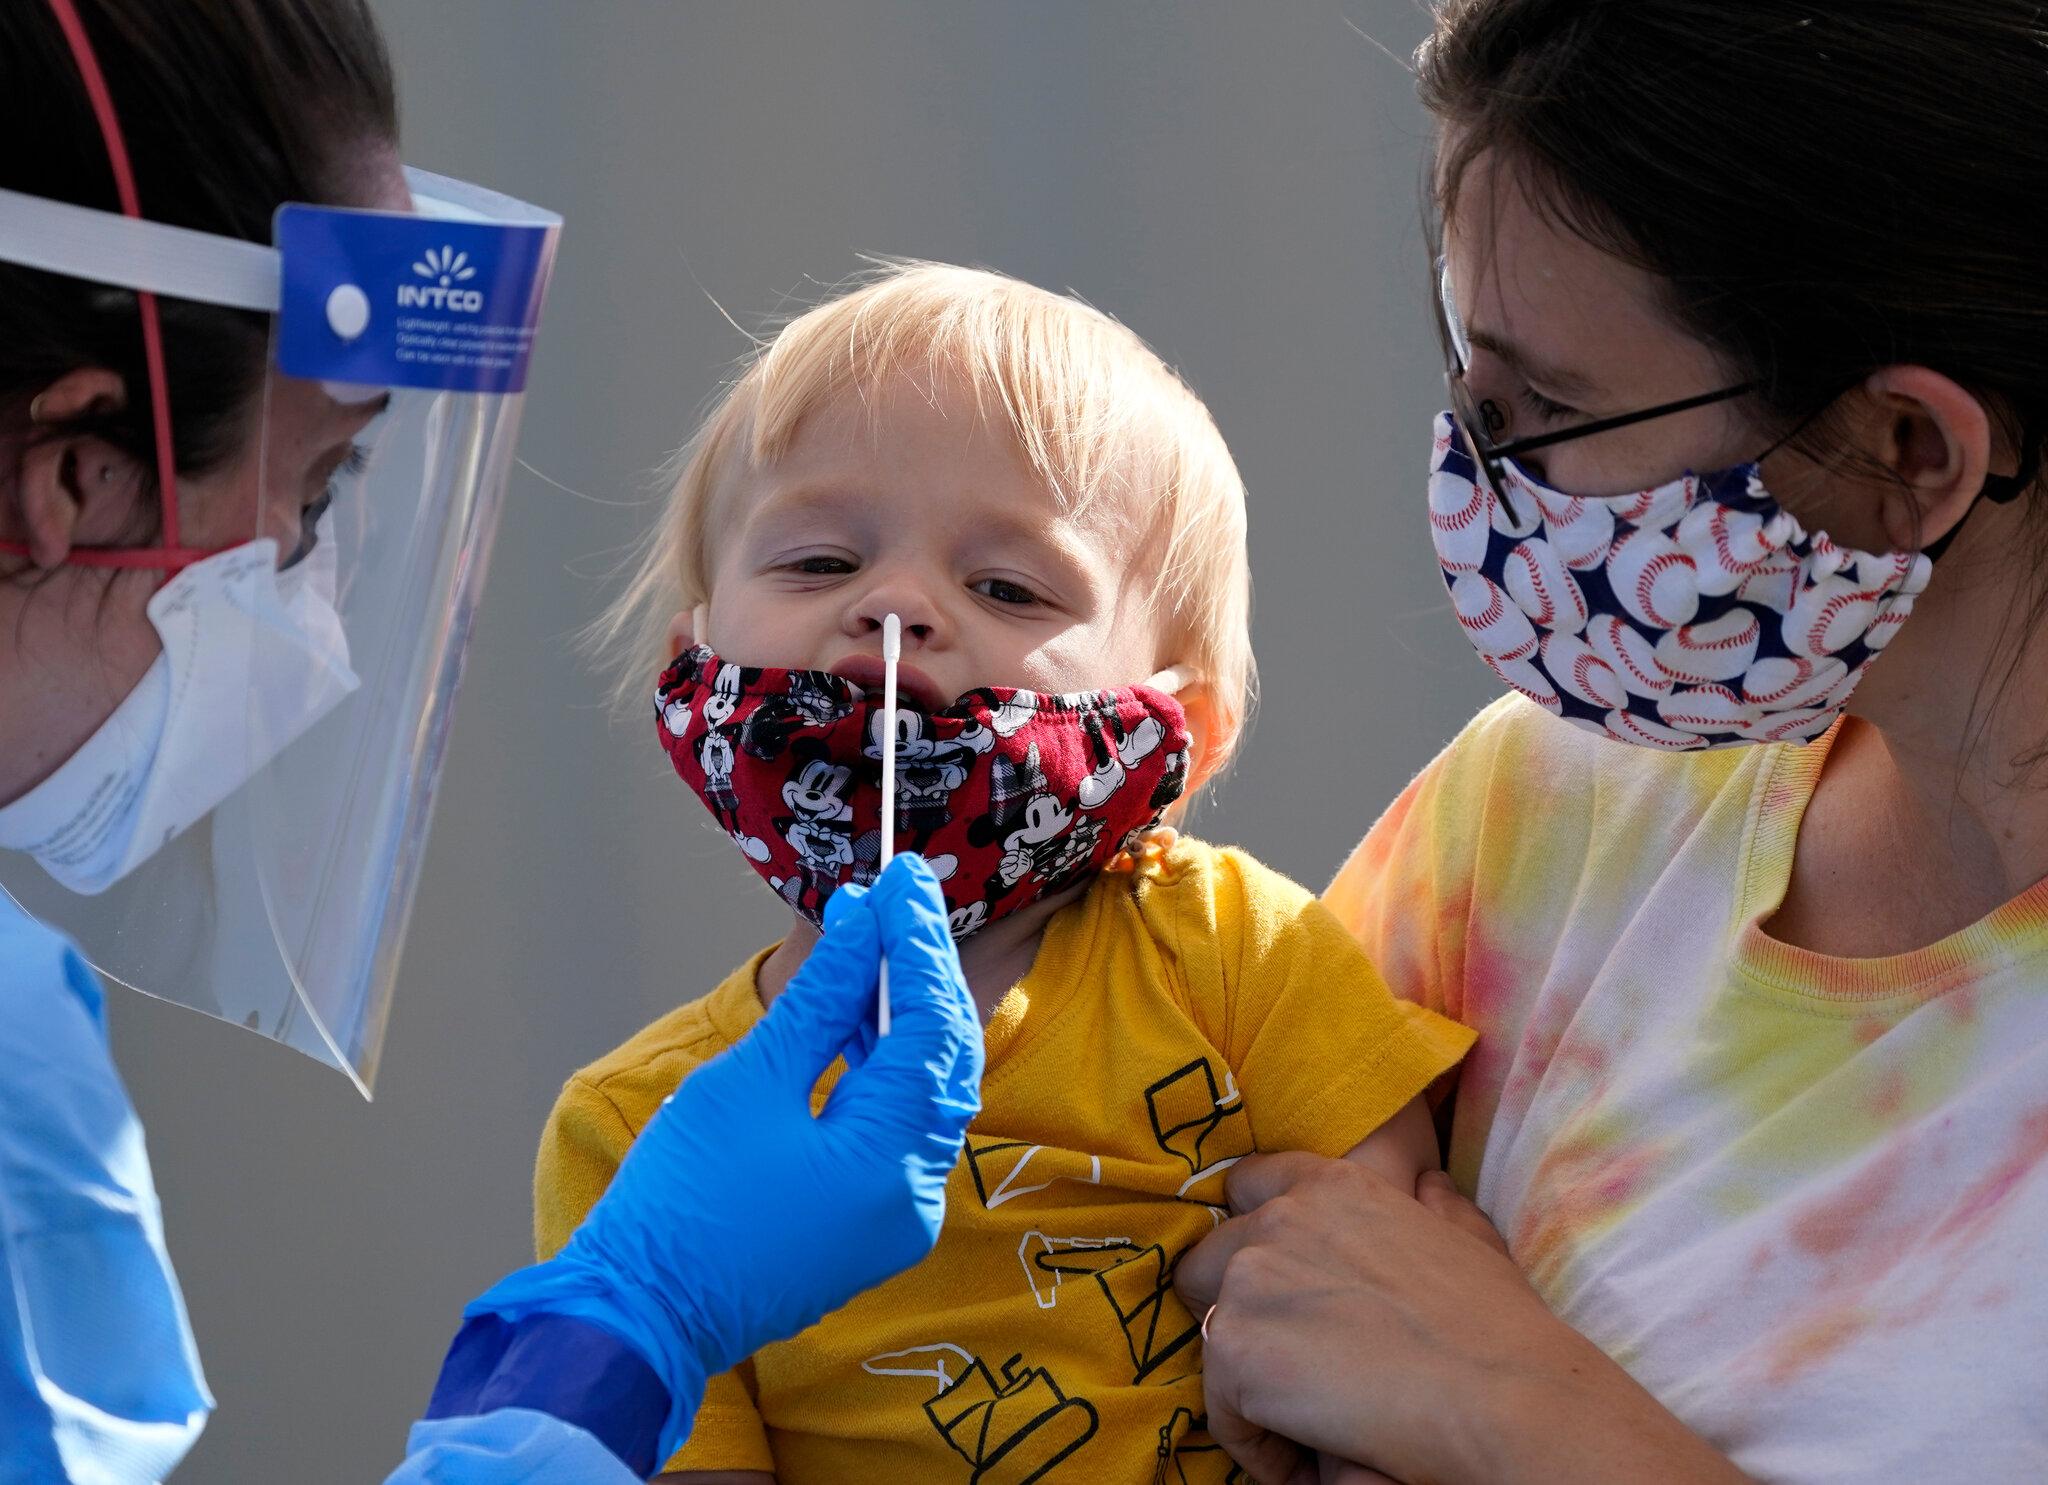 Κορωνοϊός ΗΠΑ: Ο εμβολιασμός των ενηλίκων ασπίδα προστασίας των παιδιών